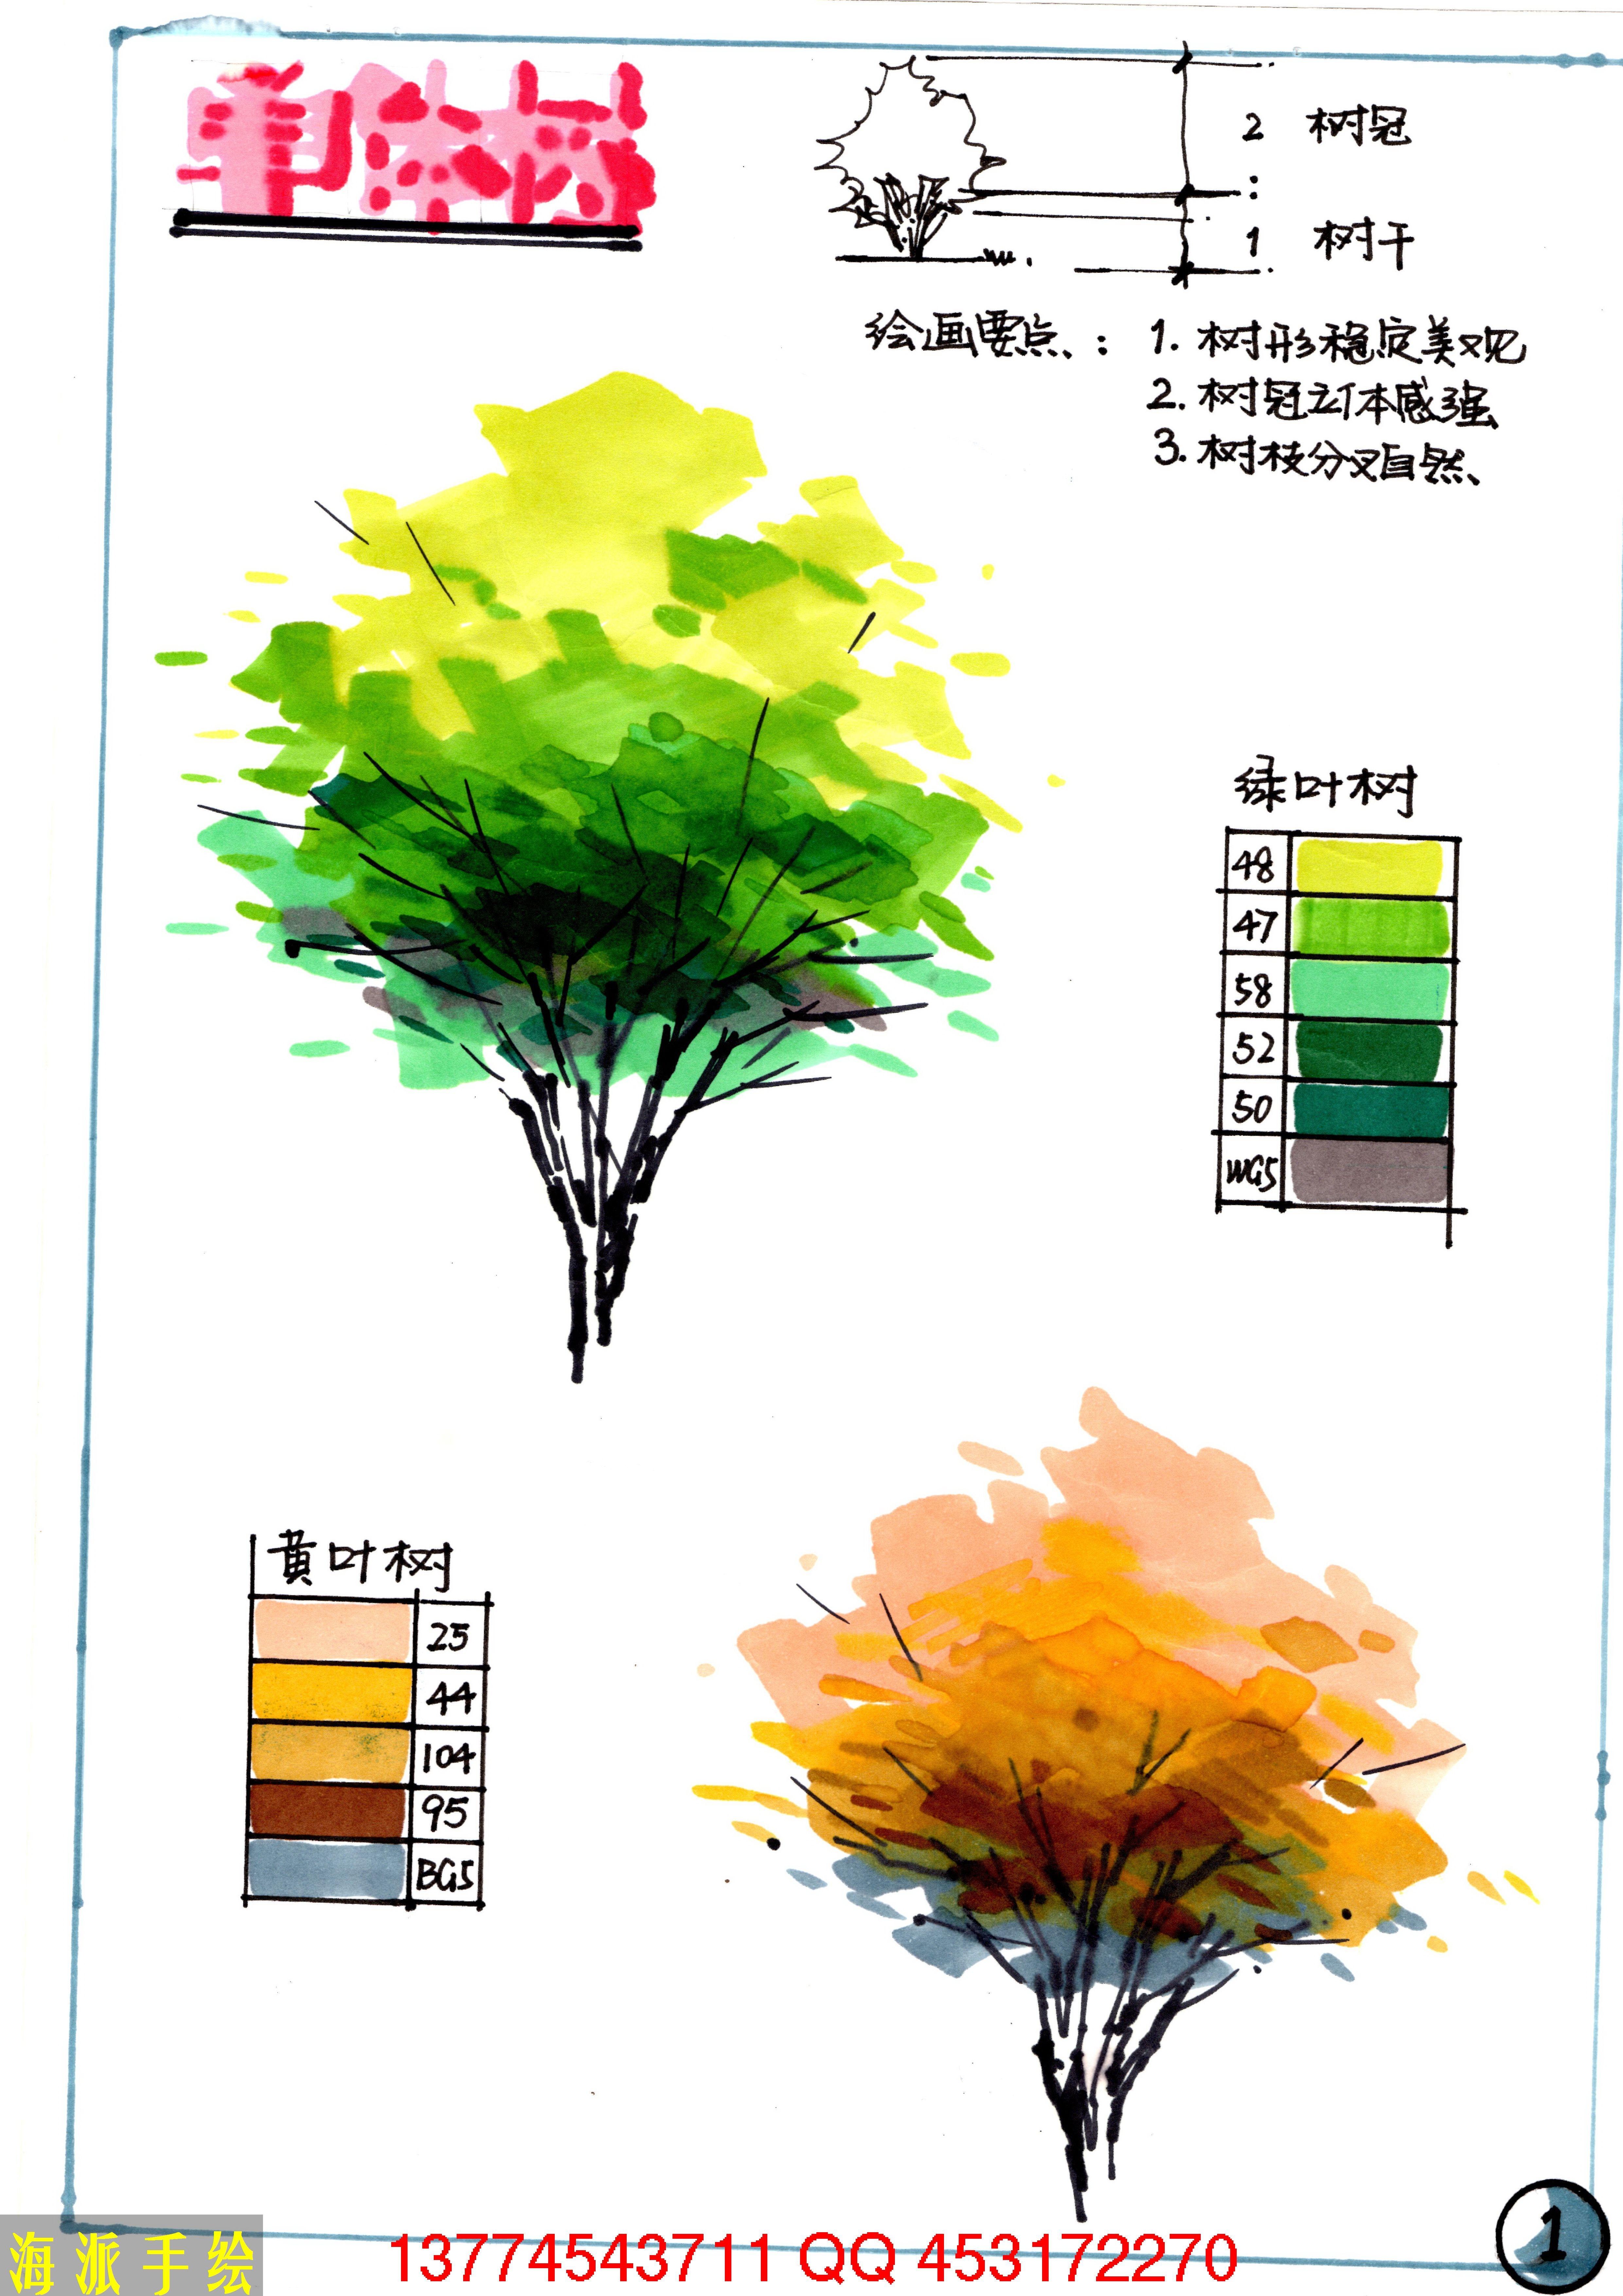 手绘马克笔画树教程的几张图片